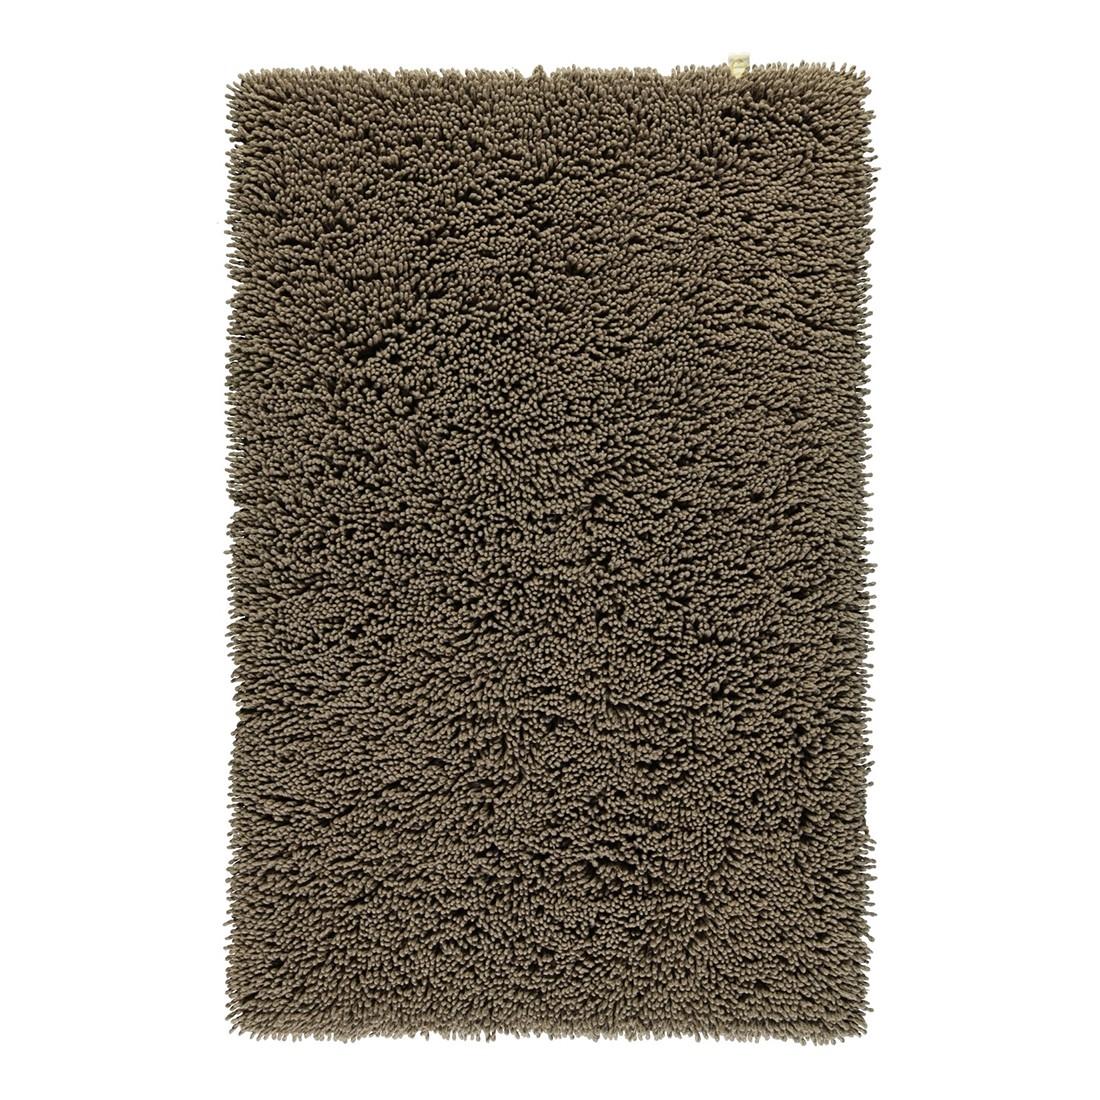 Badteppich Luxury Twist – 100% Baumwolle taupe – 58 – 70 x 120 cm, Rhomtuft günstig kaufen